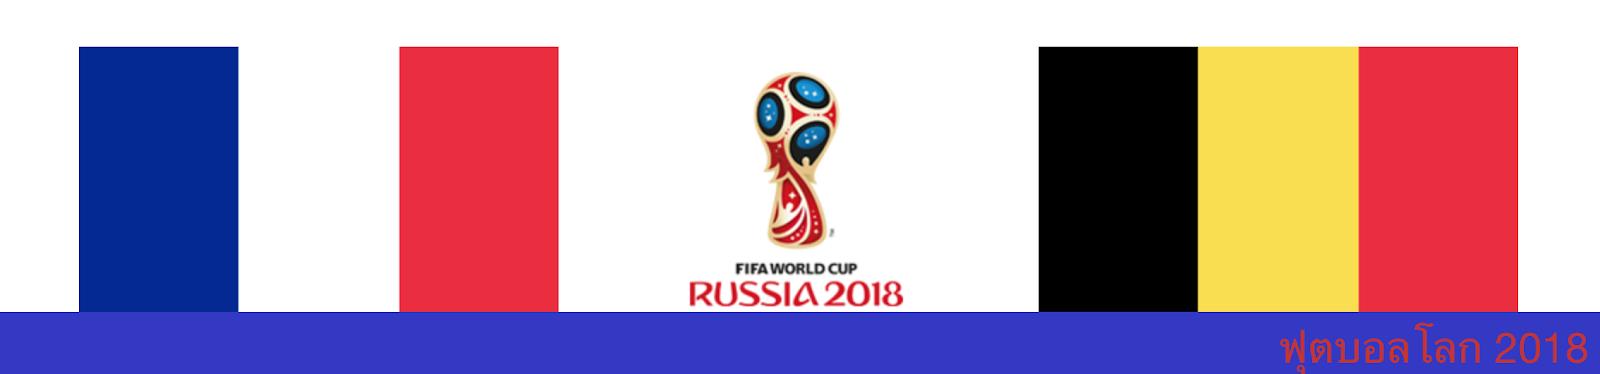 ดูบอลสด วิเคราะห์บอล ฟุตบอกโลก ระหว่าง ฝรั่งเศส vs เบลเยียม